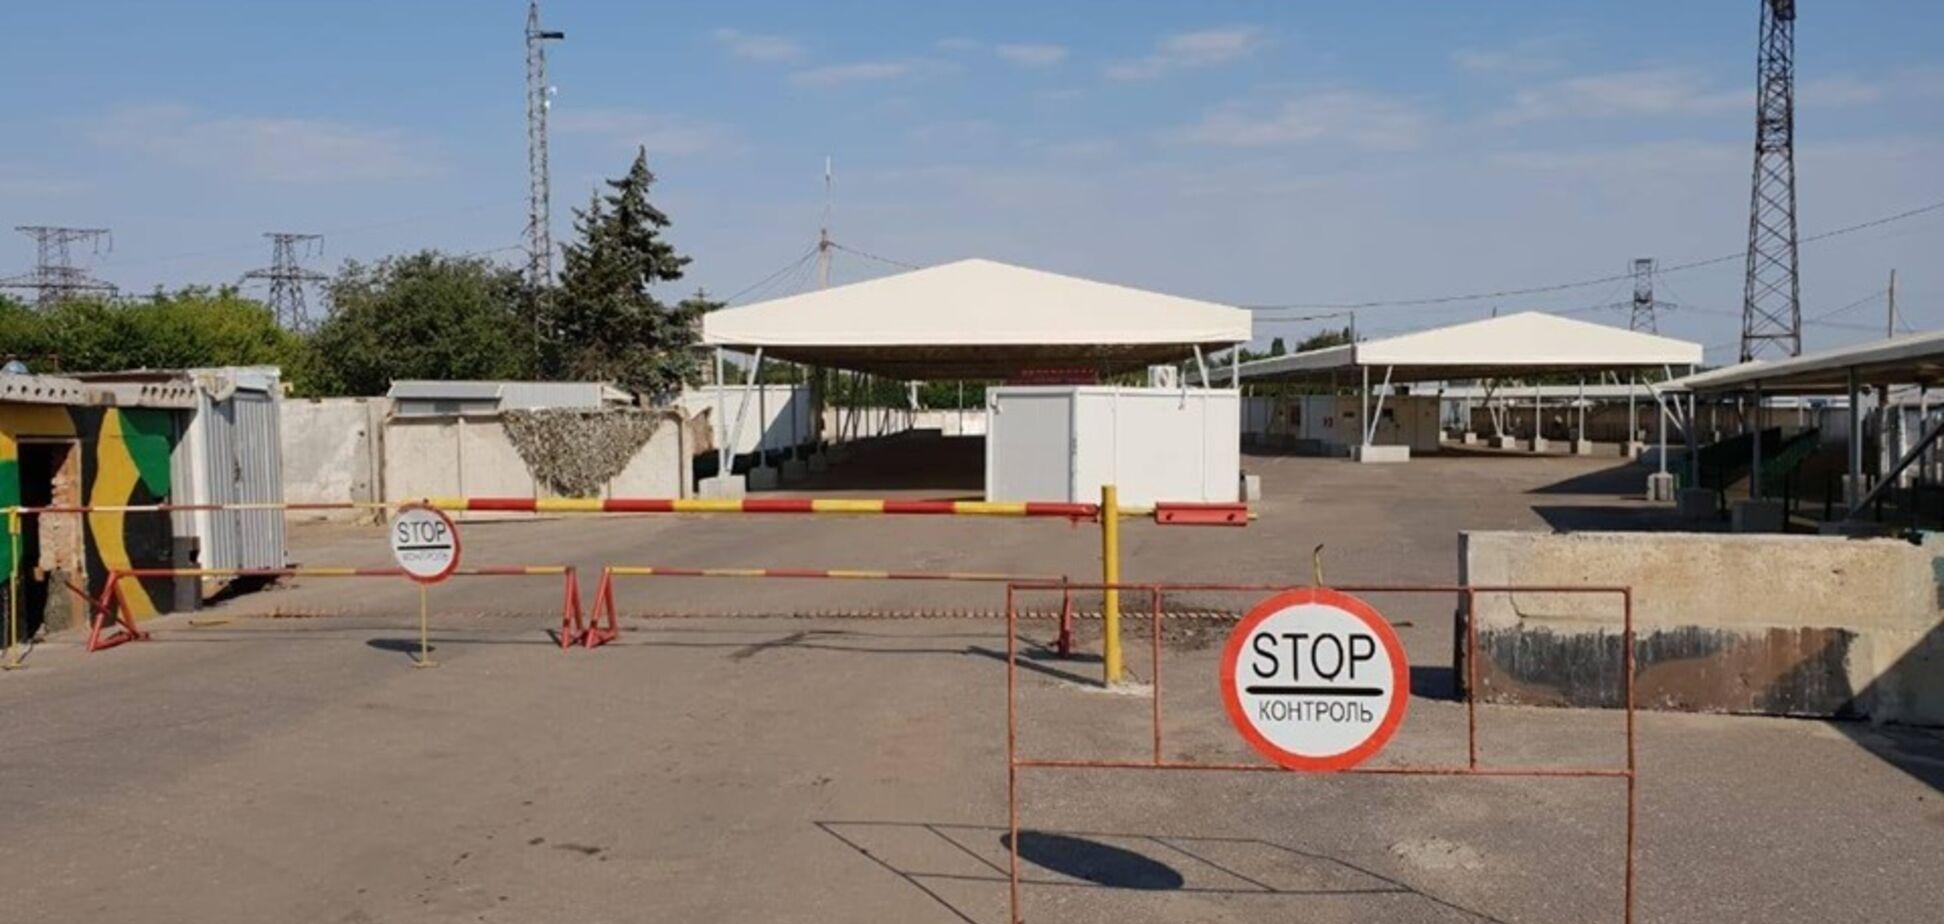 На Донбассе нашли взрывчатку на КППВ: подробности